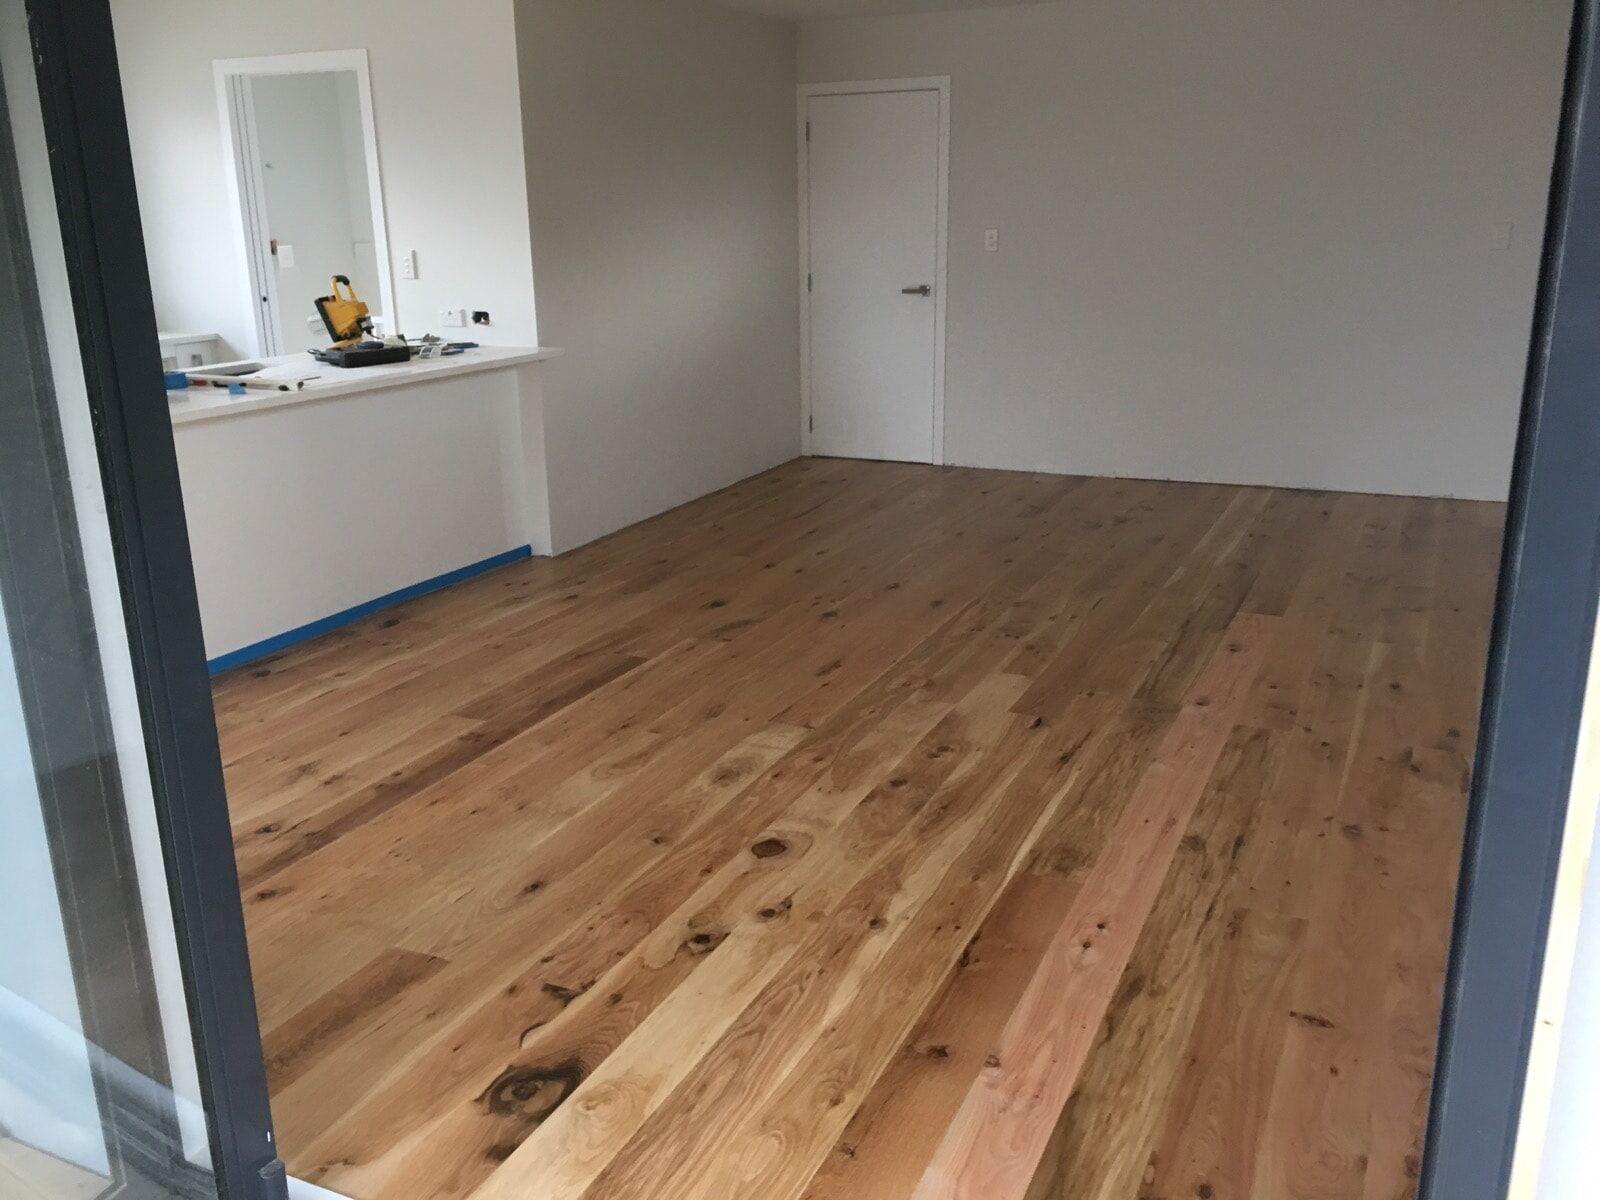 Oak floors laid by CE Construction